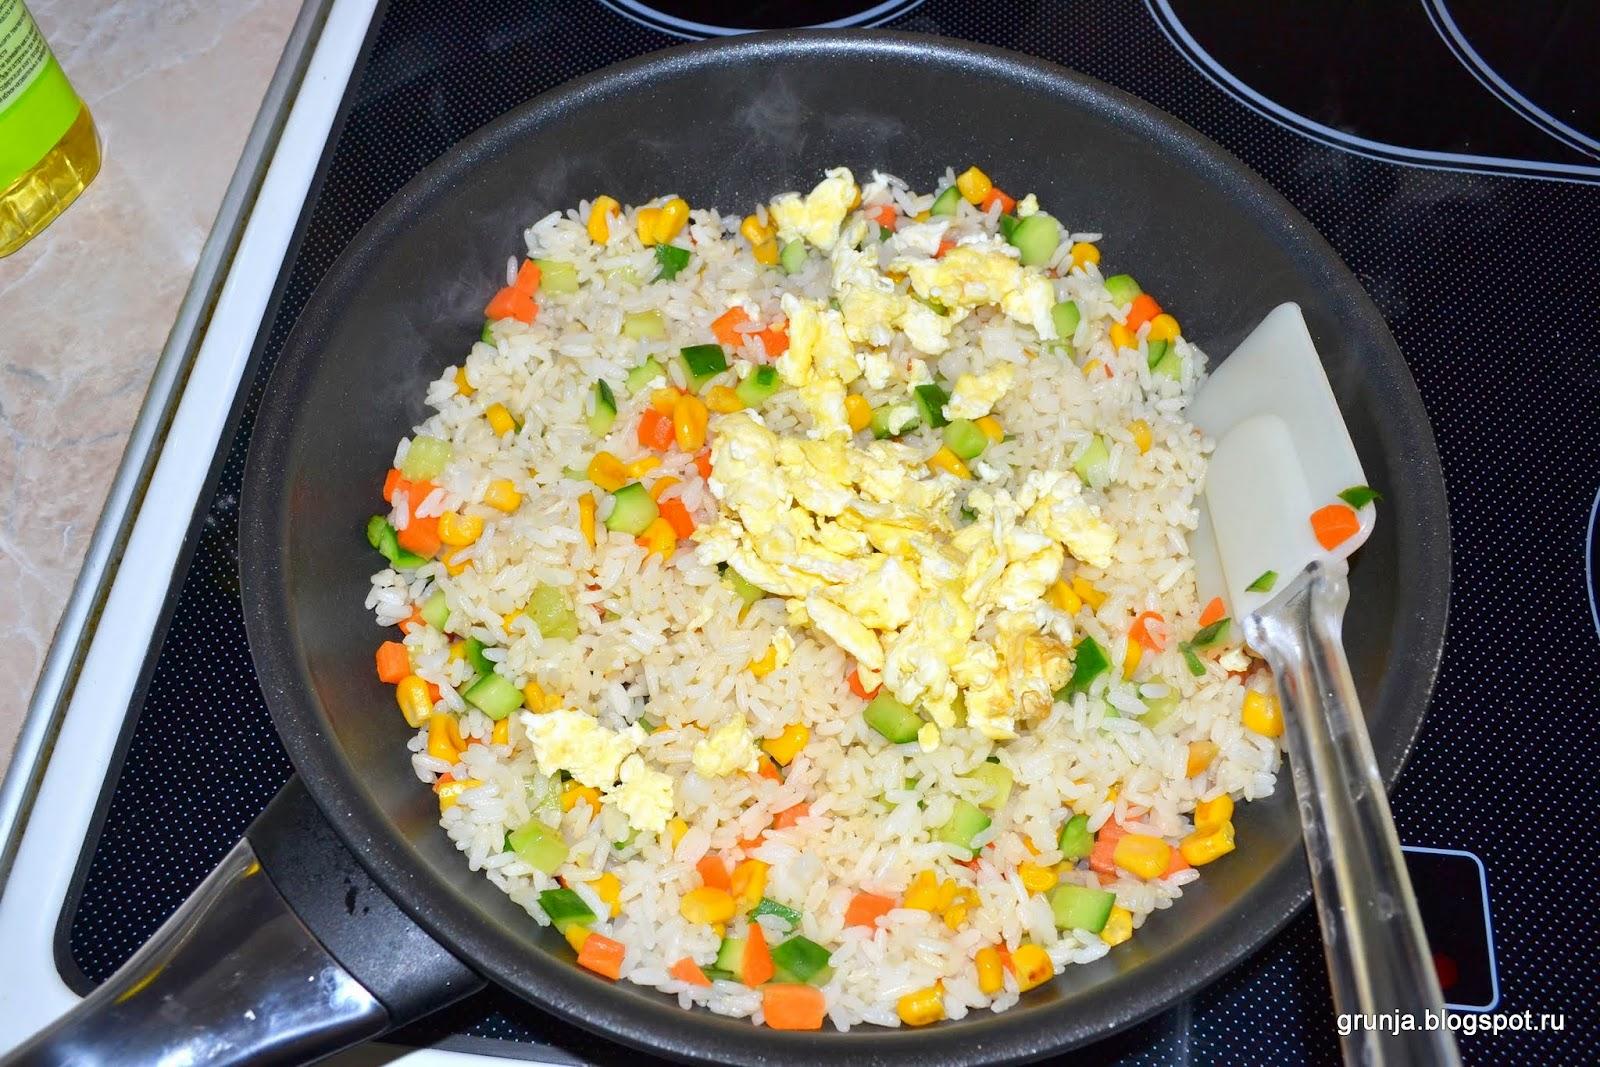 Еда и напитки , китайская кухня , кухни мира , фрукты, овощи.